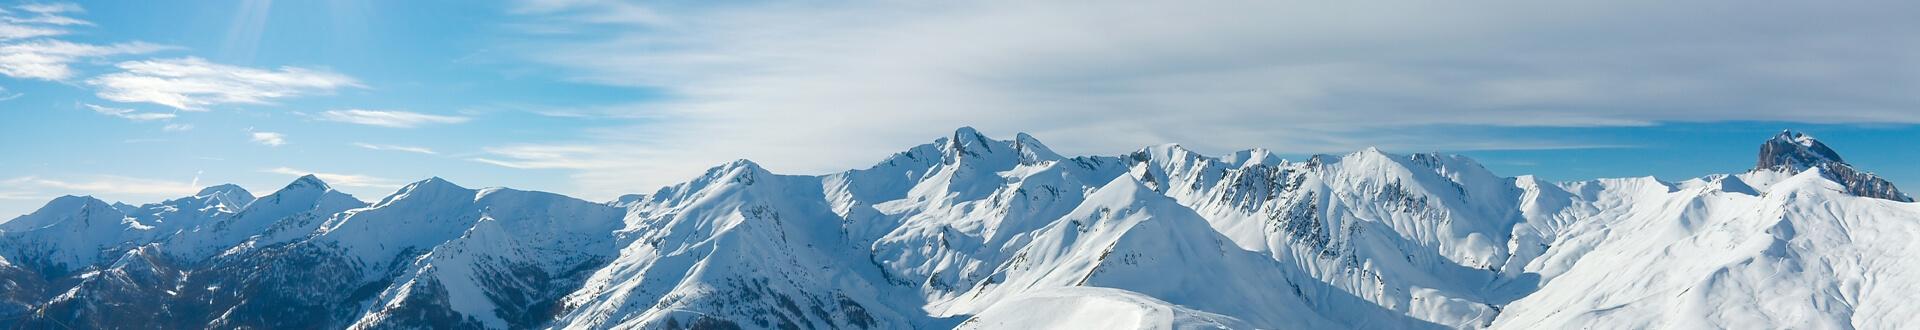 testata all mountain 1920x330 5